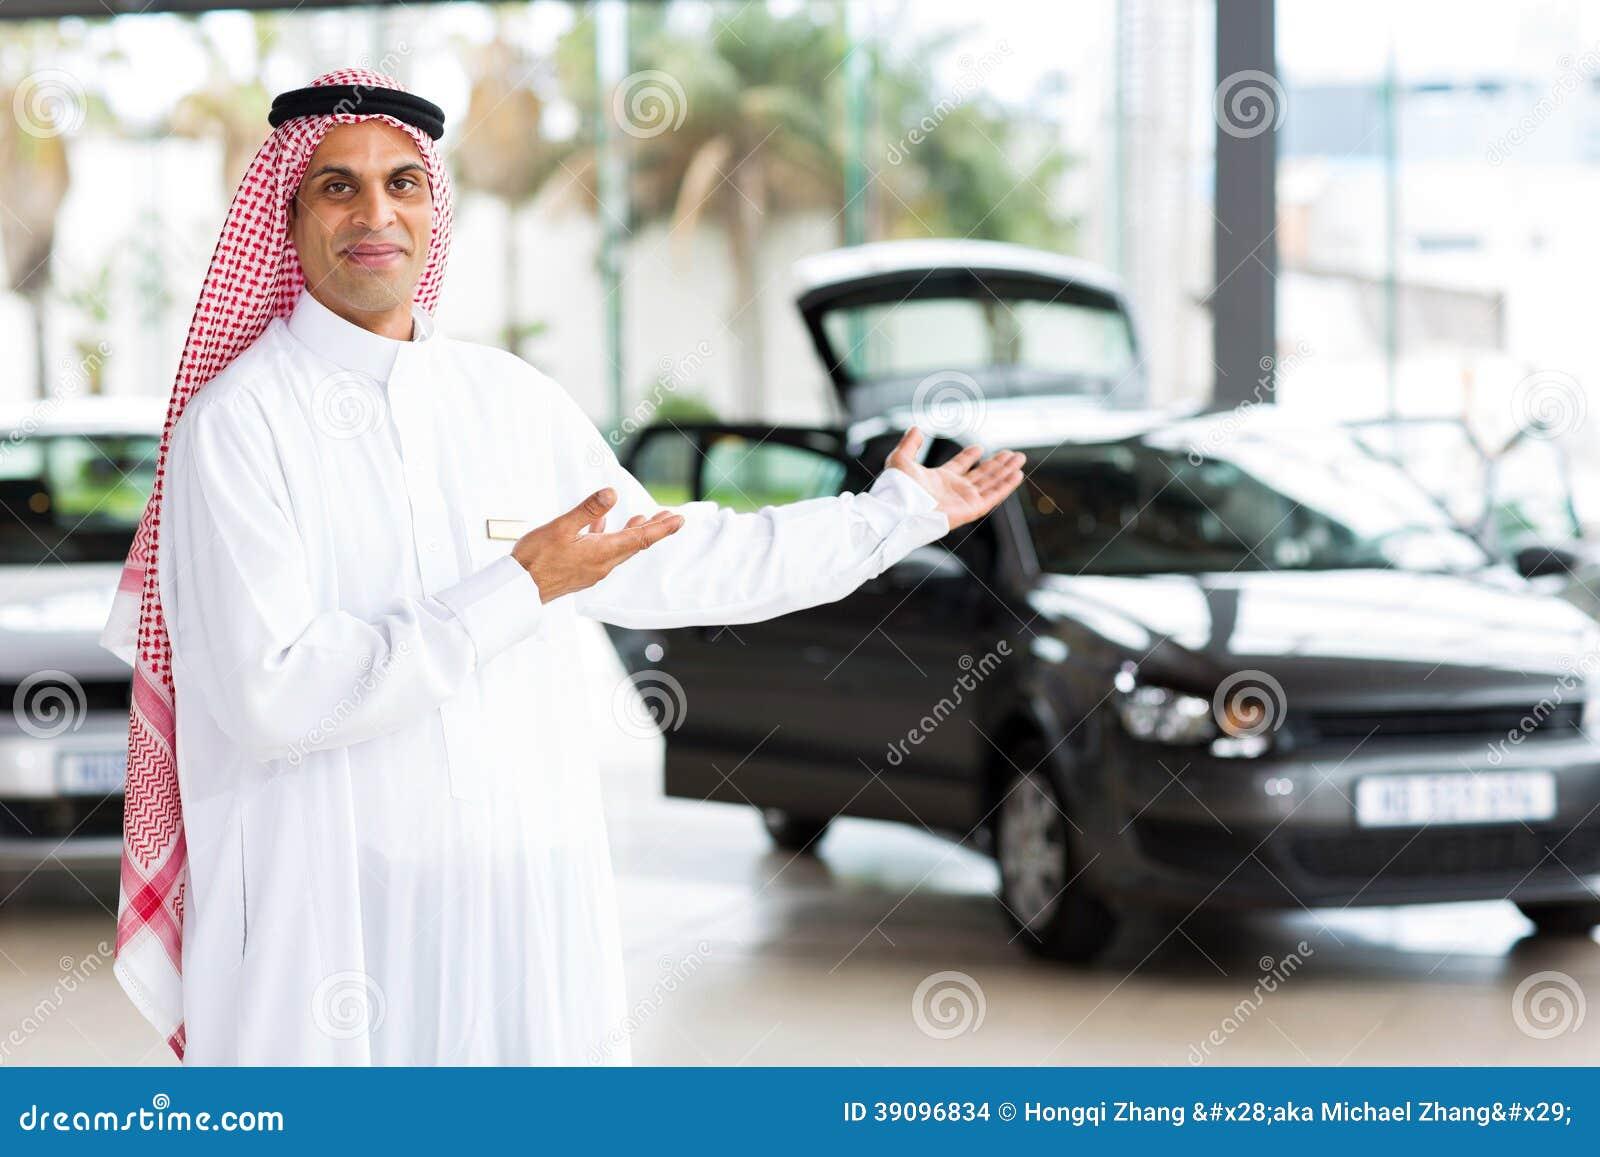 vendeur de voiture arabe photo stock image 39096834. Black Bedroom Furniture Sets. Home Design Ideas